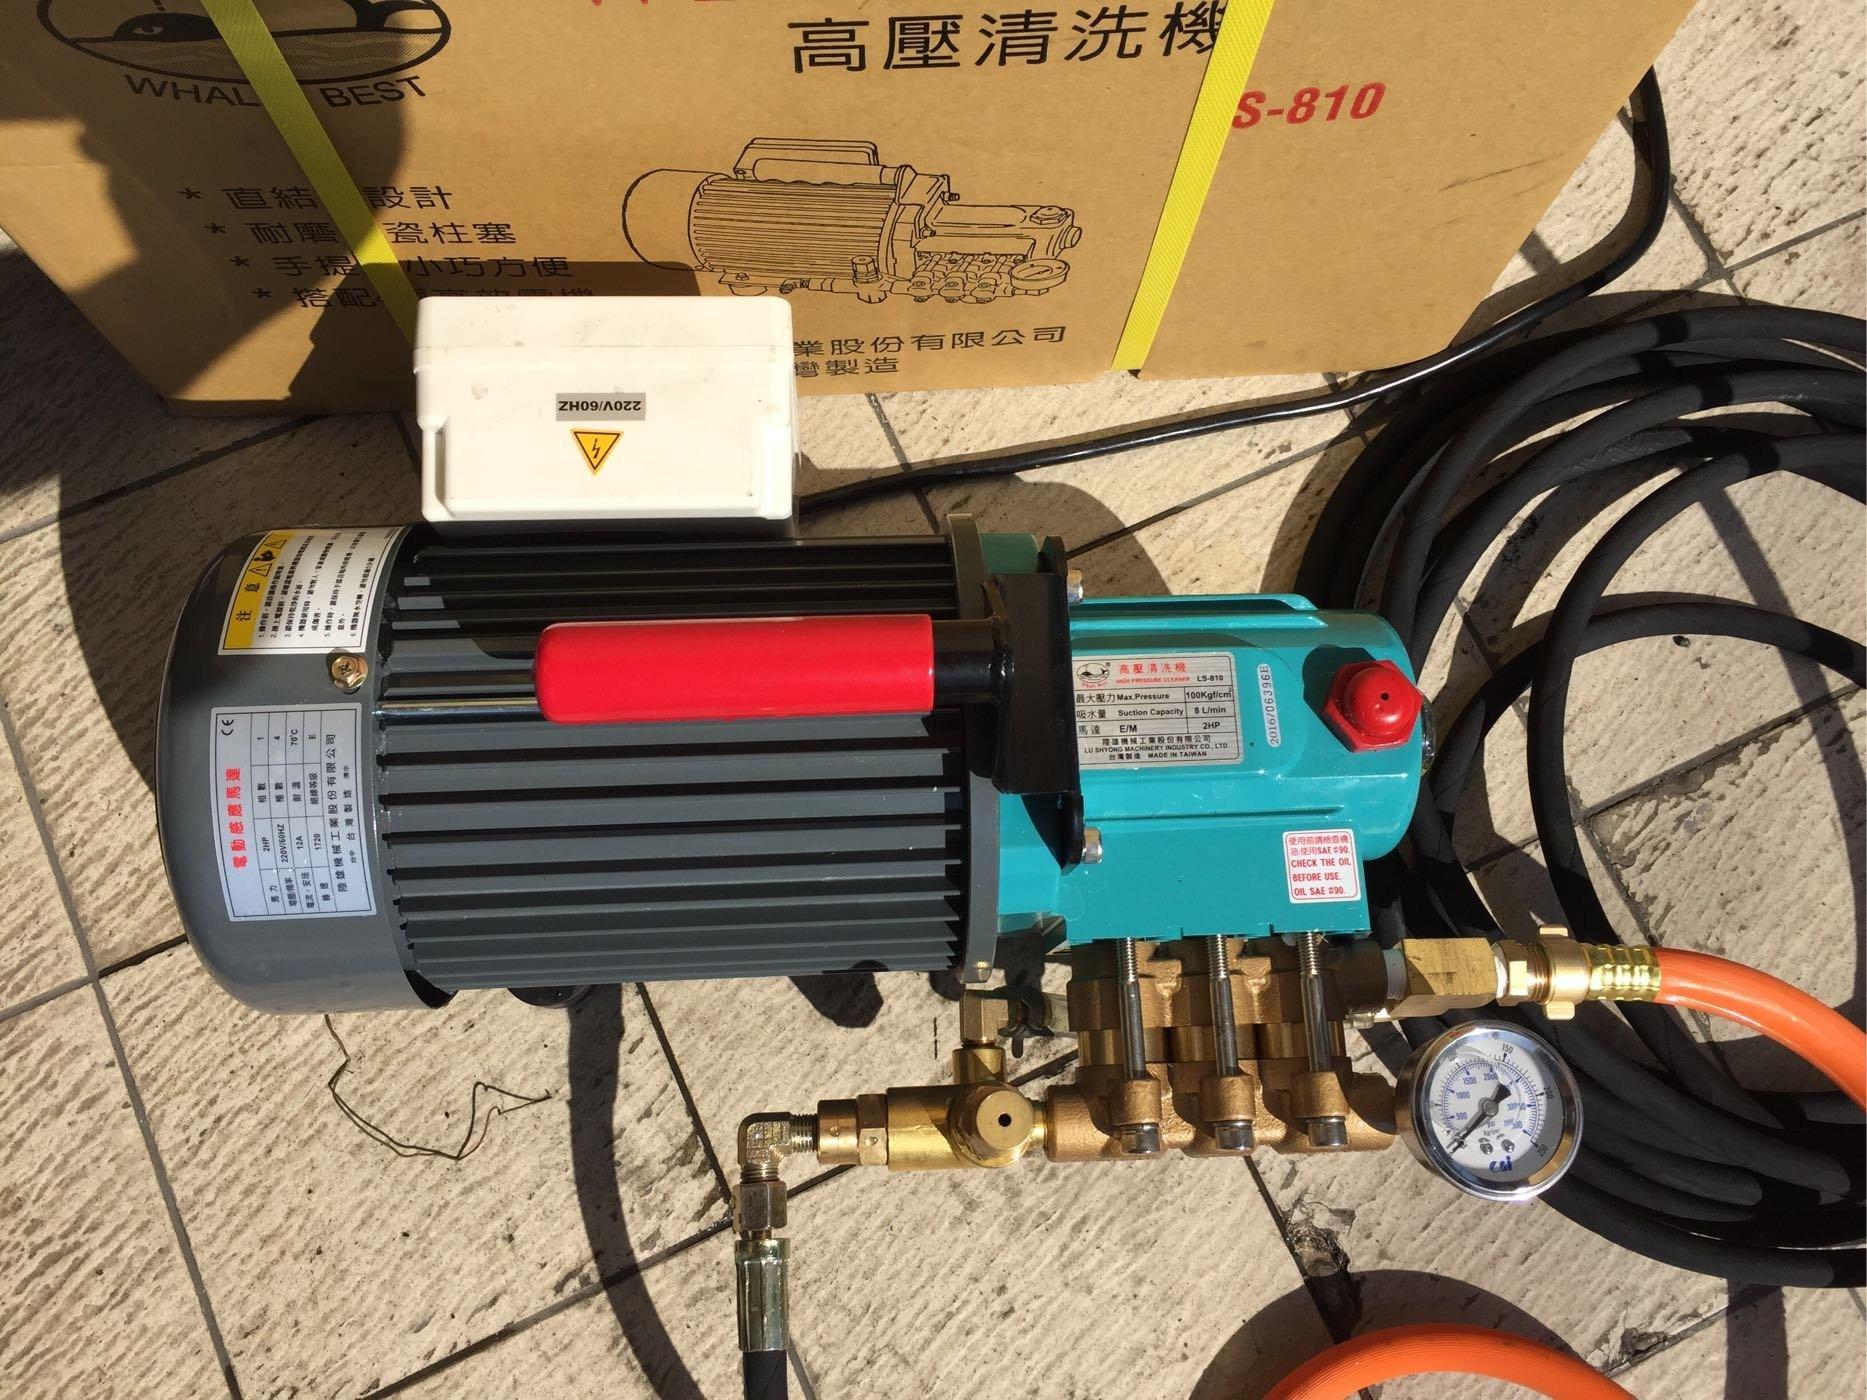 *工具醫院* 陸雄 洗車場專用 2HP 手提式清洗機 高壓 水槍 水刀 噴霧機 洗車機 高壓清洗機  LS-810 物理